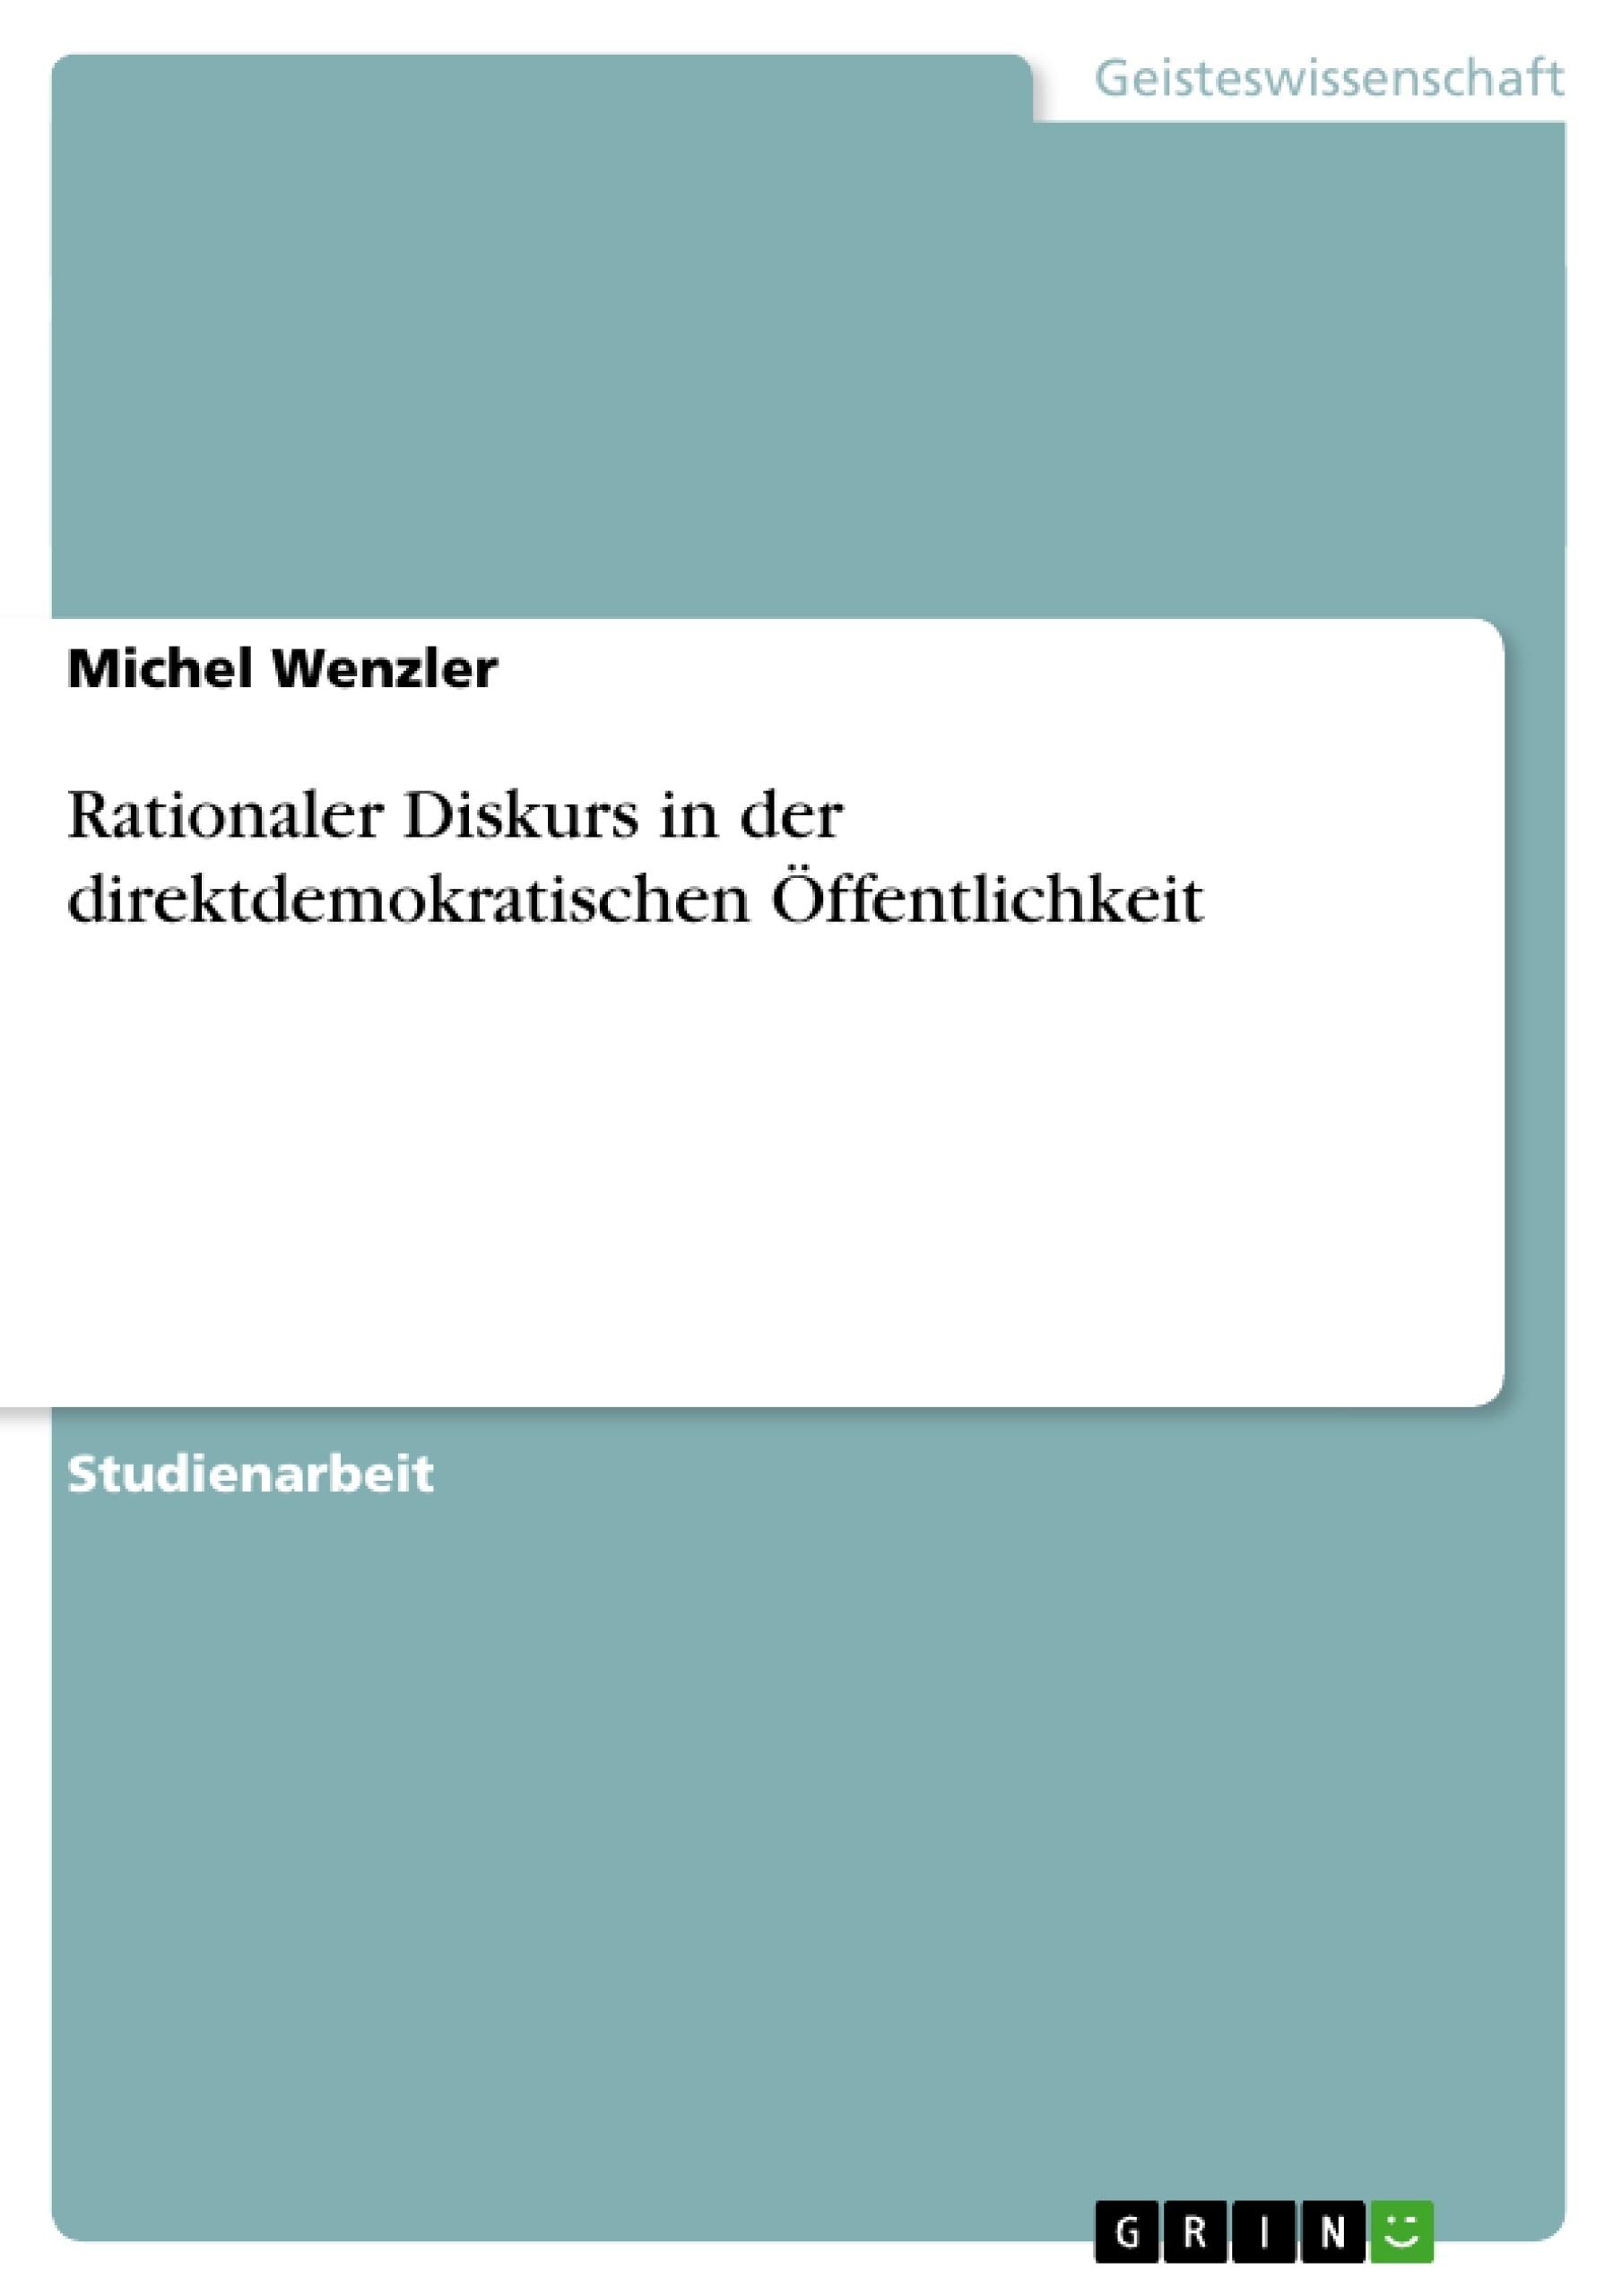 Titel: Rationaler Diskurs in der direktdemokratischen Öffentlichkeit